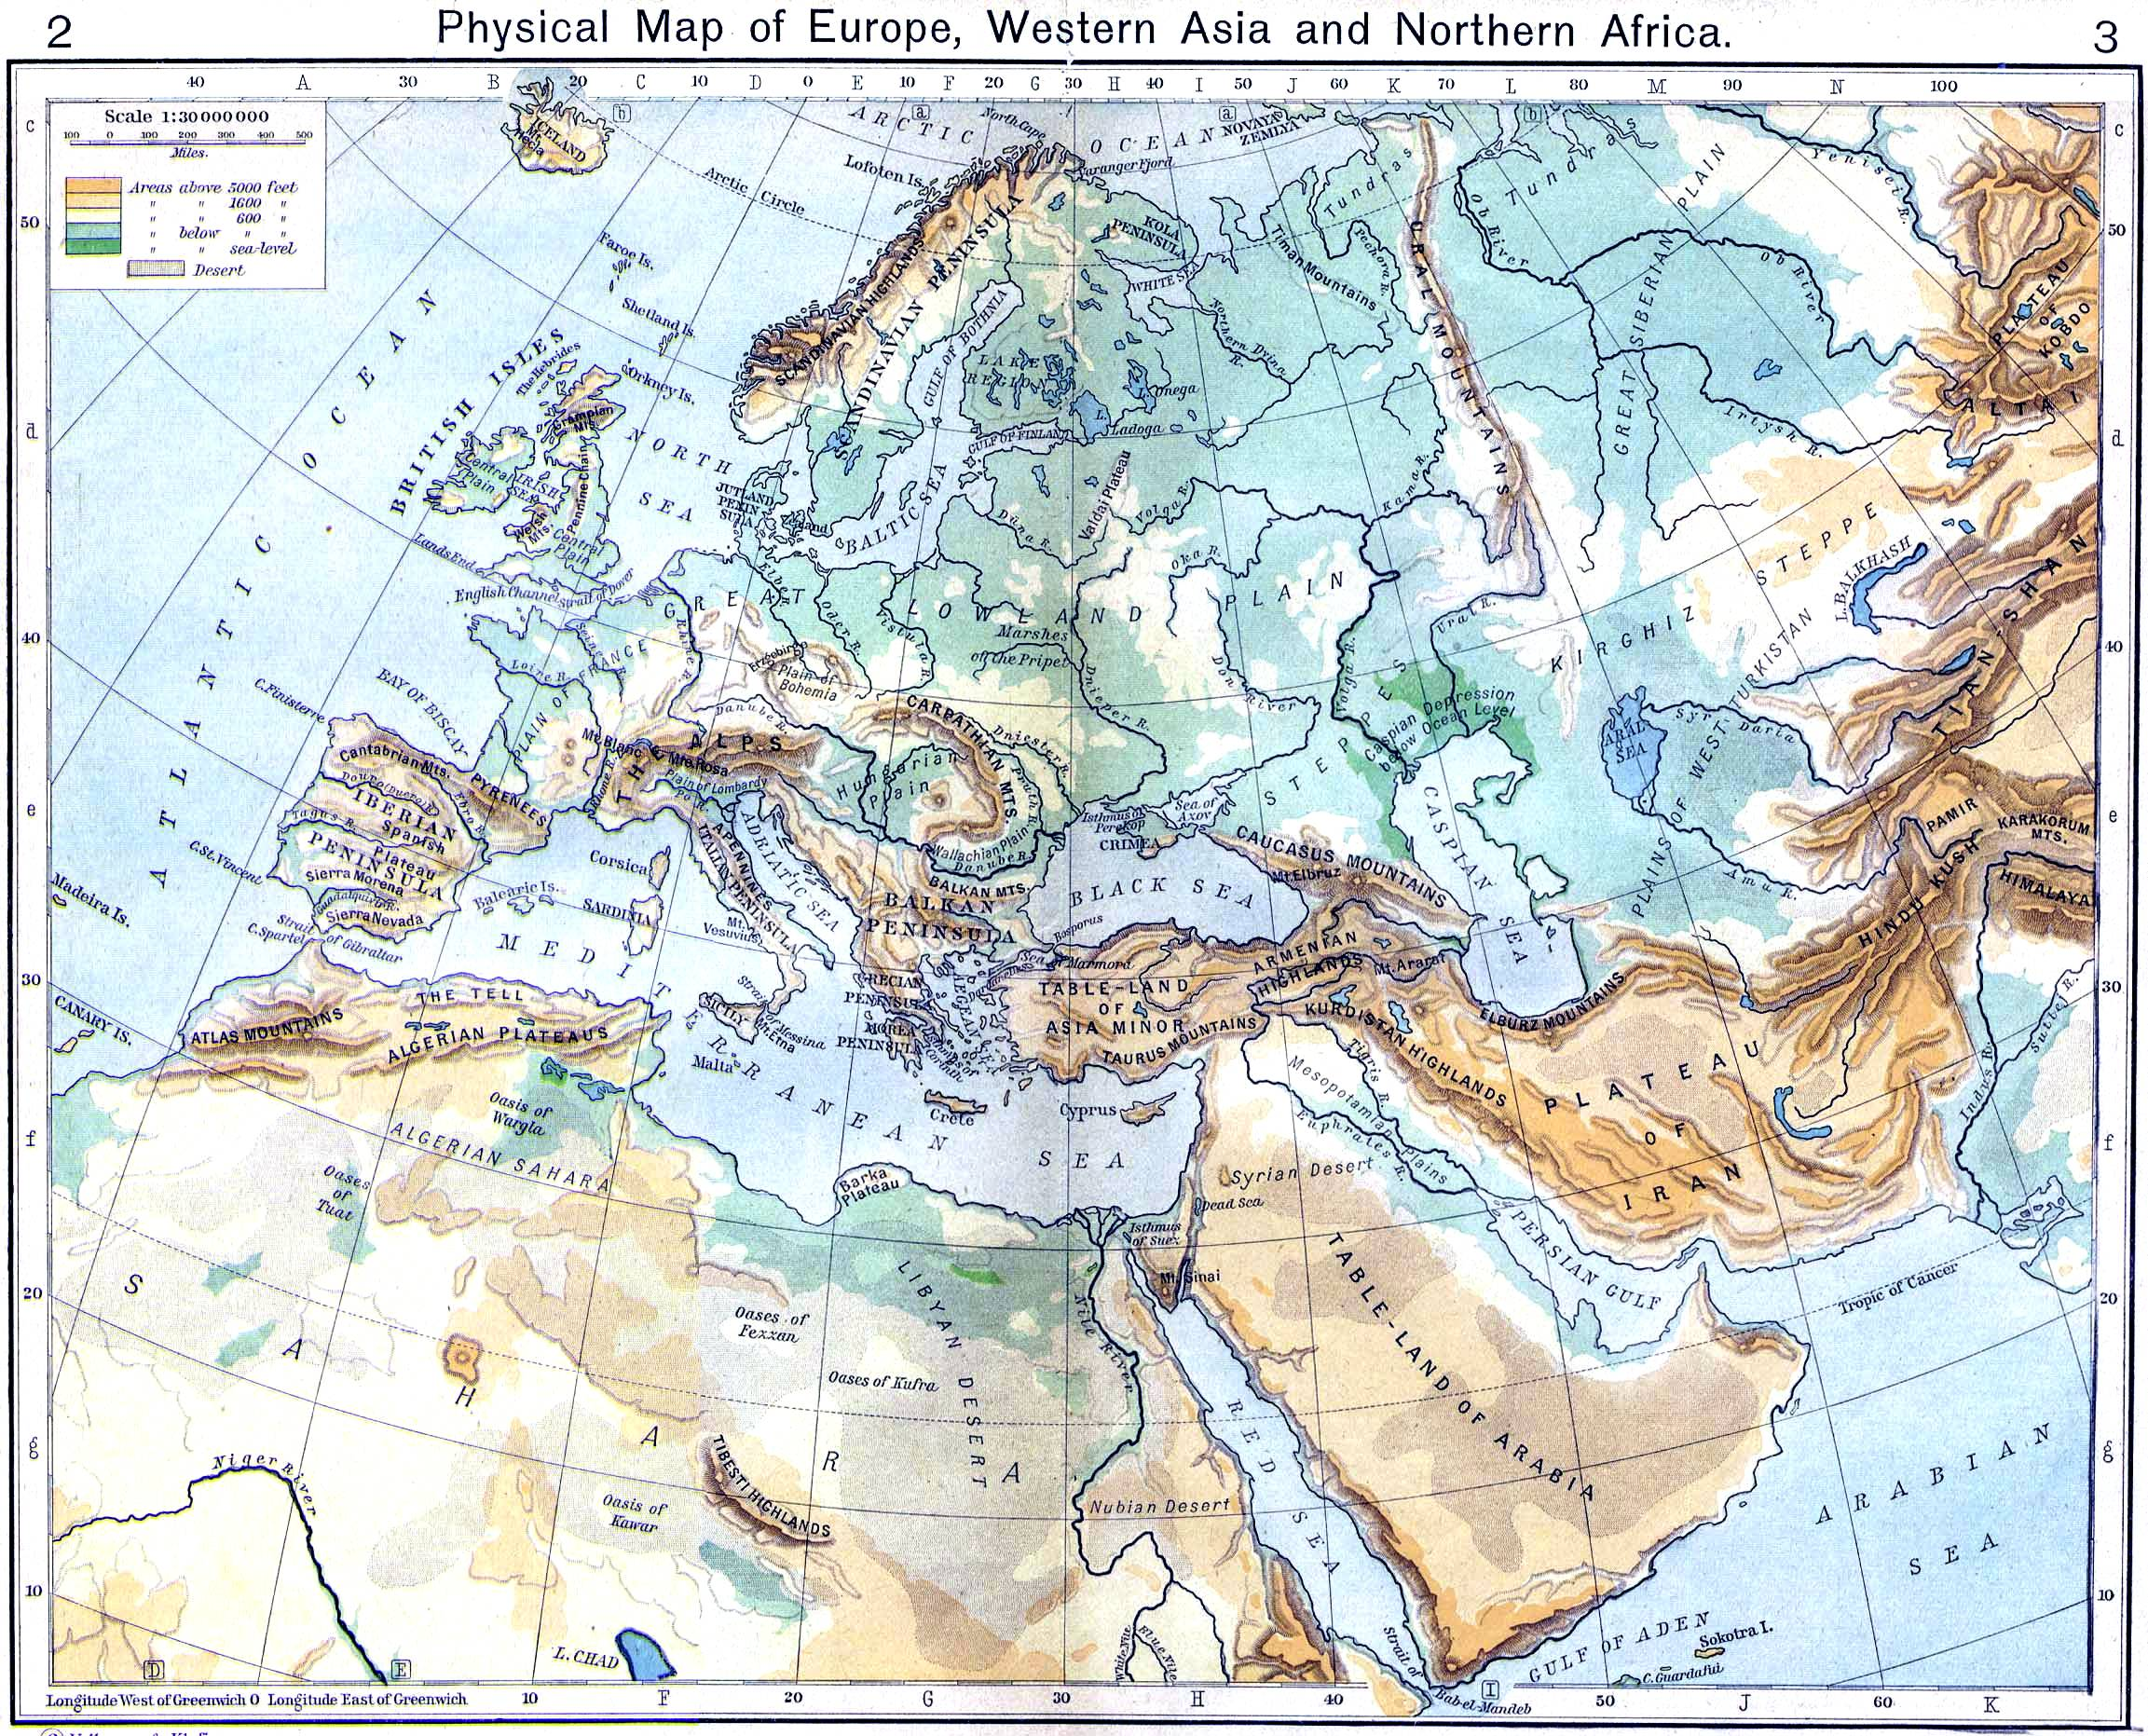 Mapa Físico de Europa, Asia occidental y África del Norte - Tamaño ...